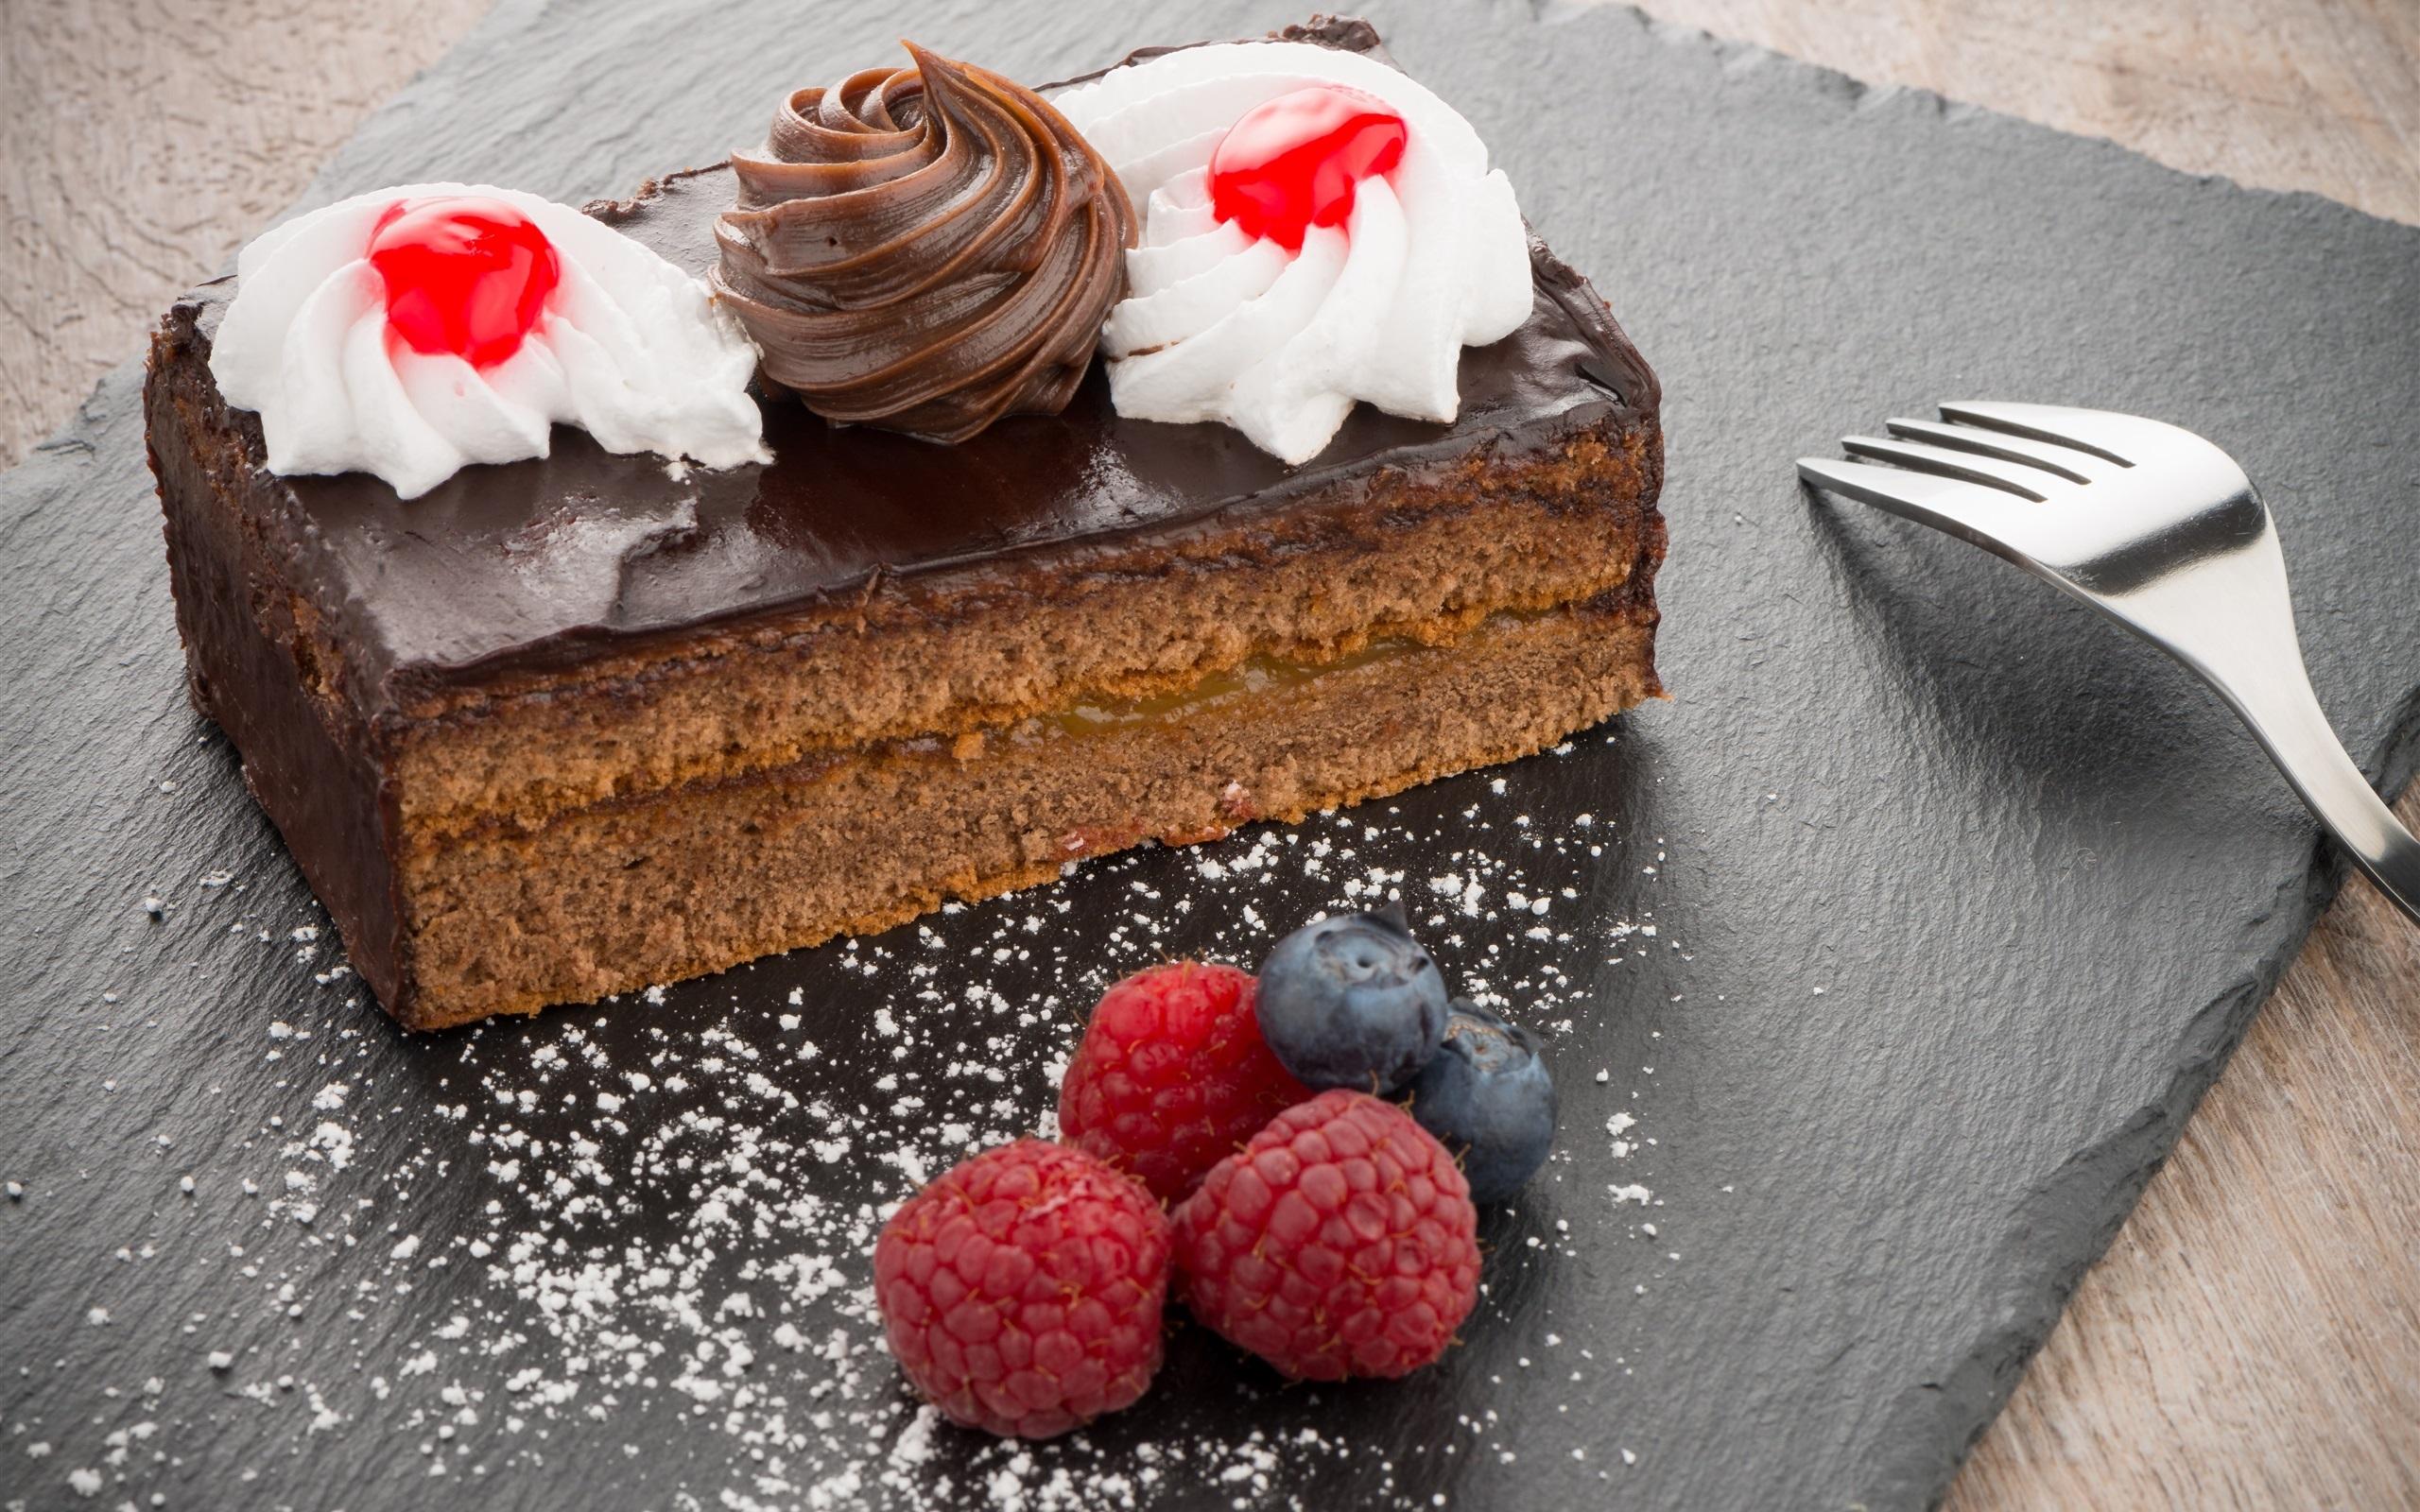 шоколадный брауни малина десерт пирожное загрузить